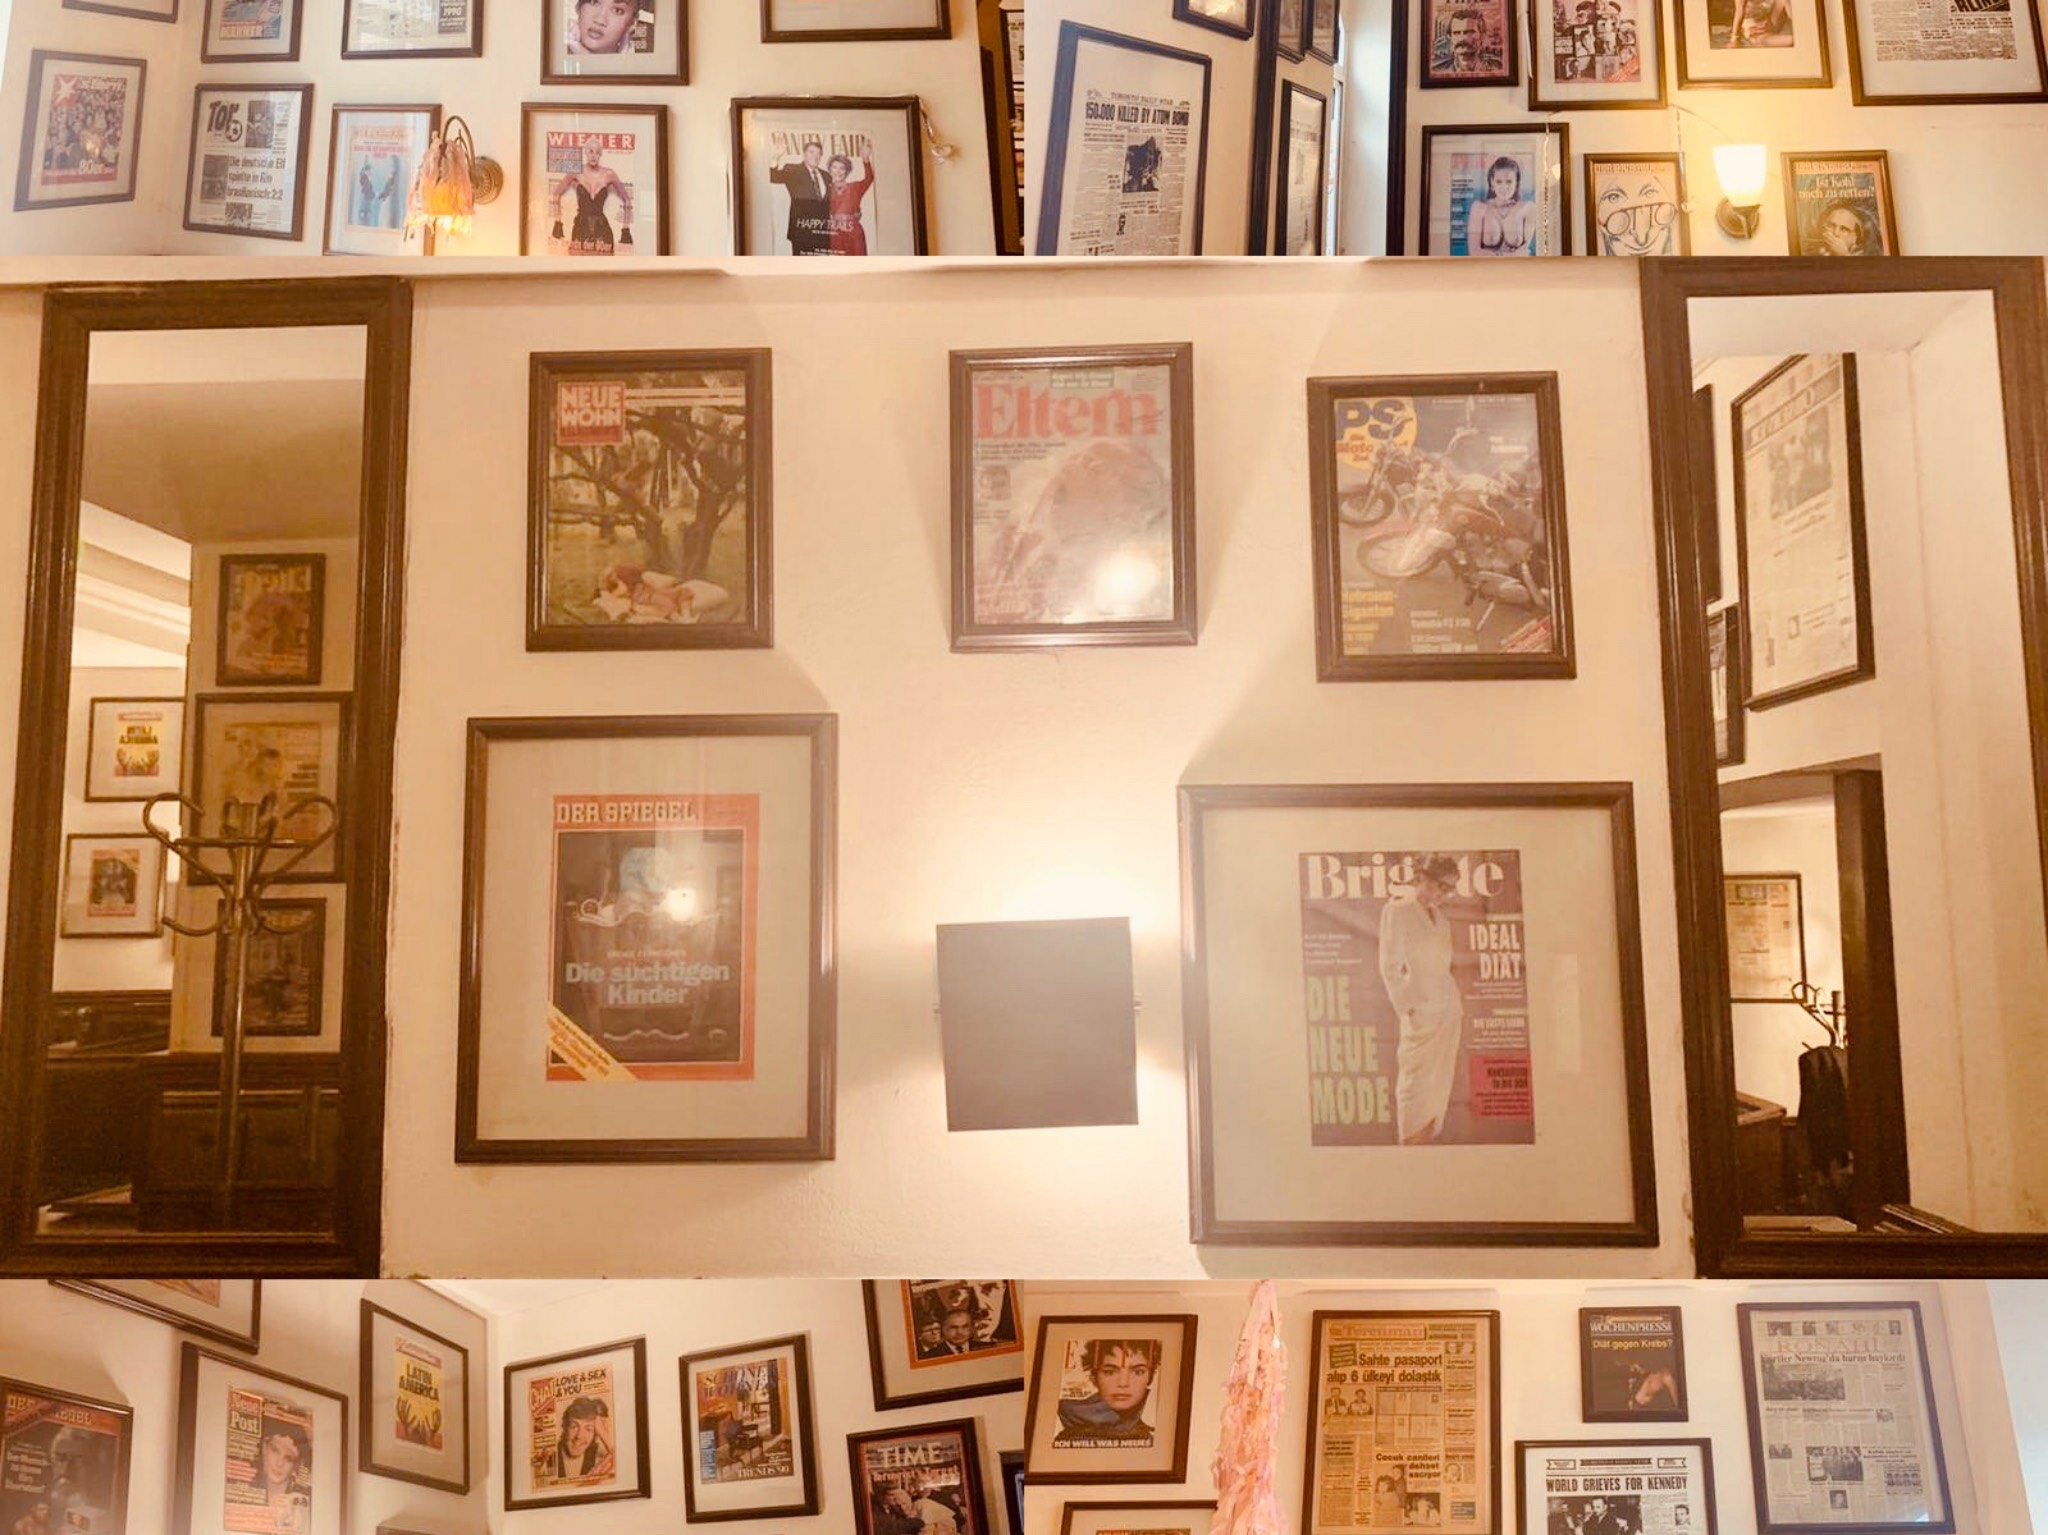 Bilder aus dem Café Journal werden verkauft. Foto: Marina Imgrund